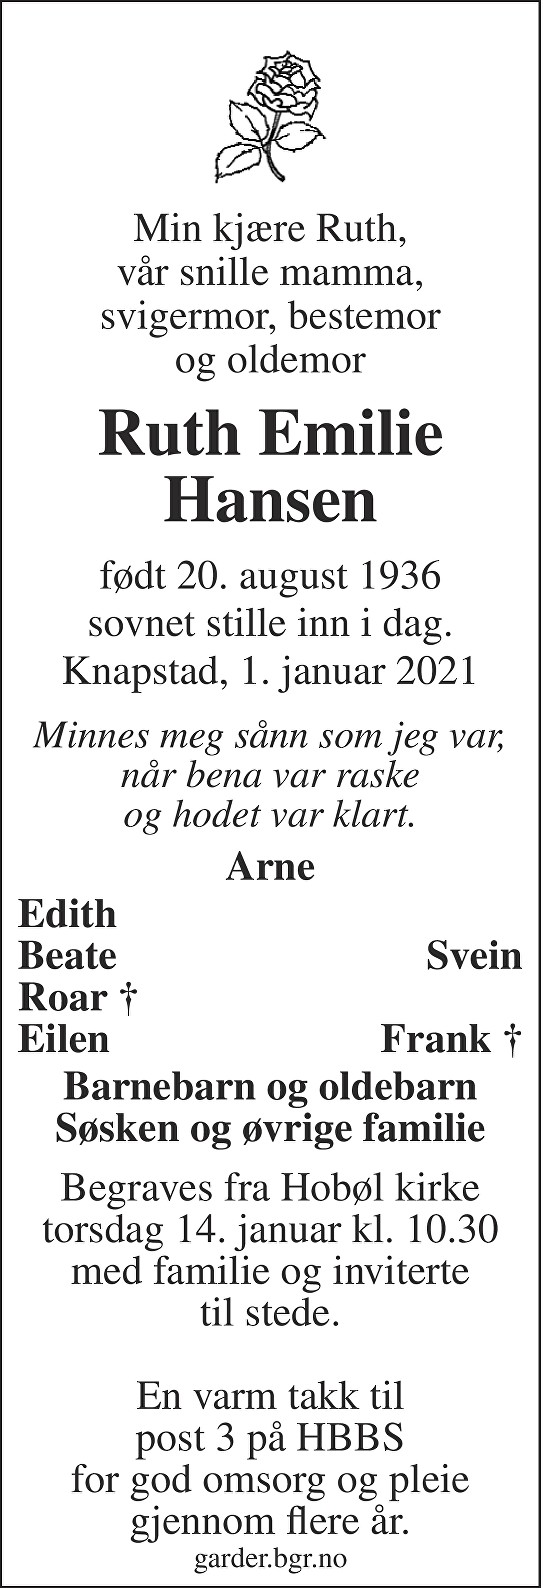 Ruth Emilie Hansen Dødsannonse